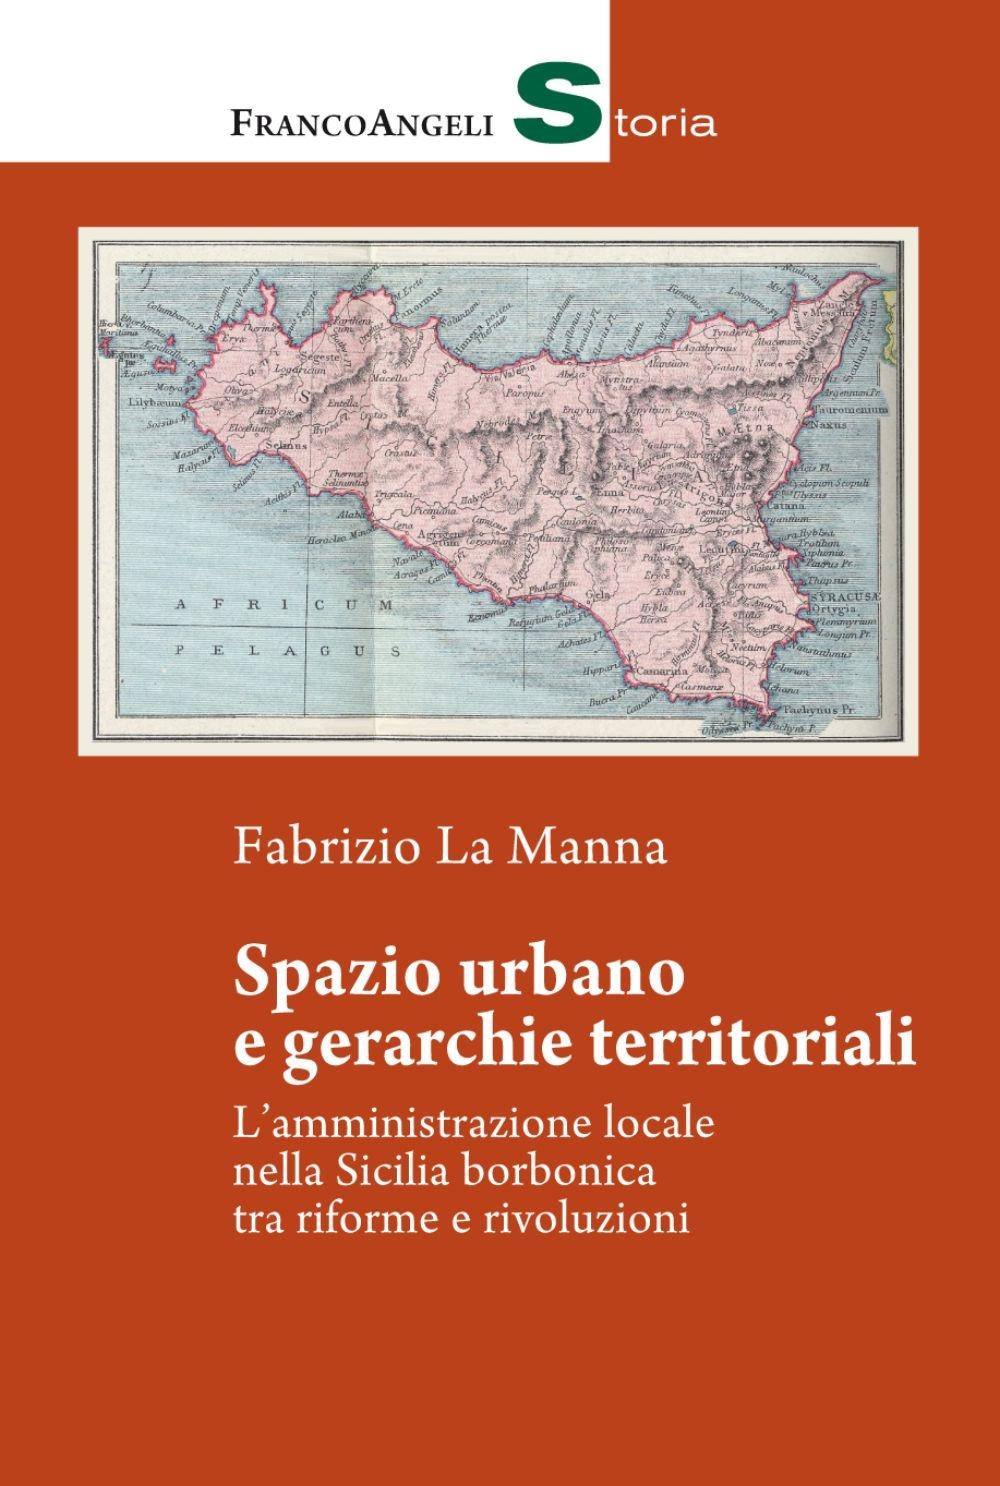 Spazio urbano e gerarchie territoriali. L'amministrazione locale nella Sicilia borbonica tra riforme e rivoluzioni